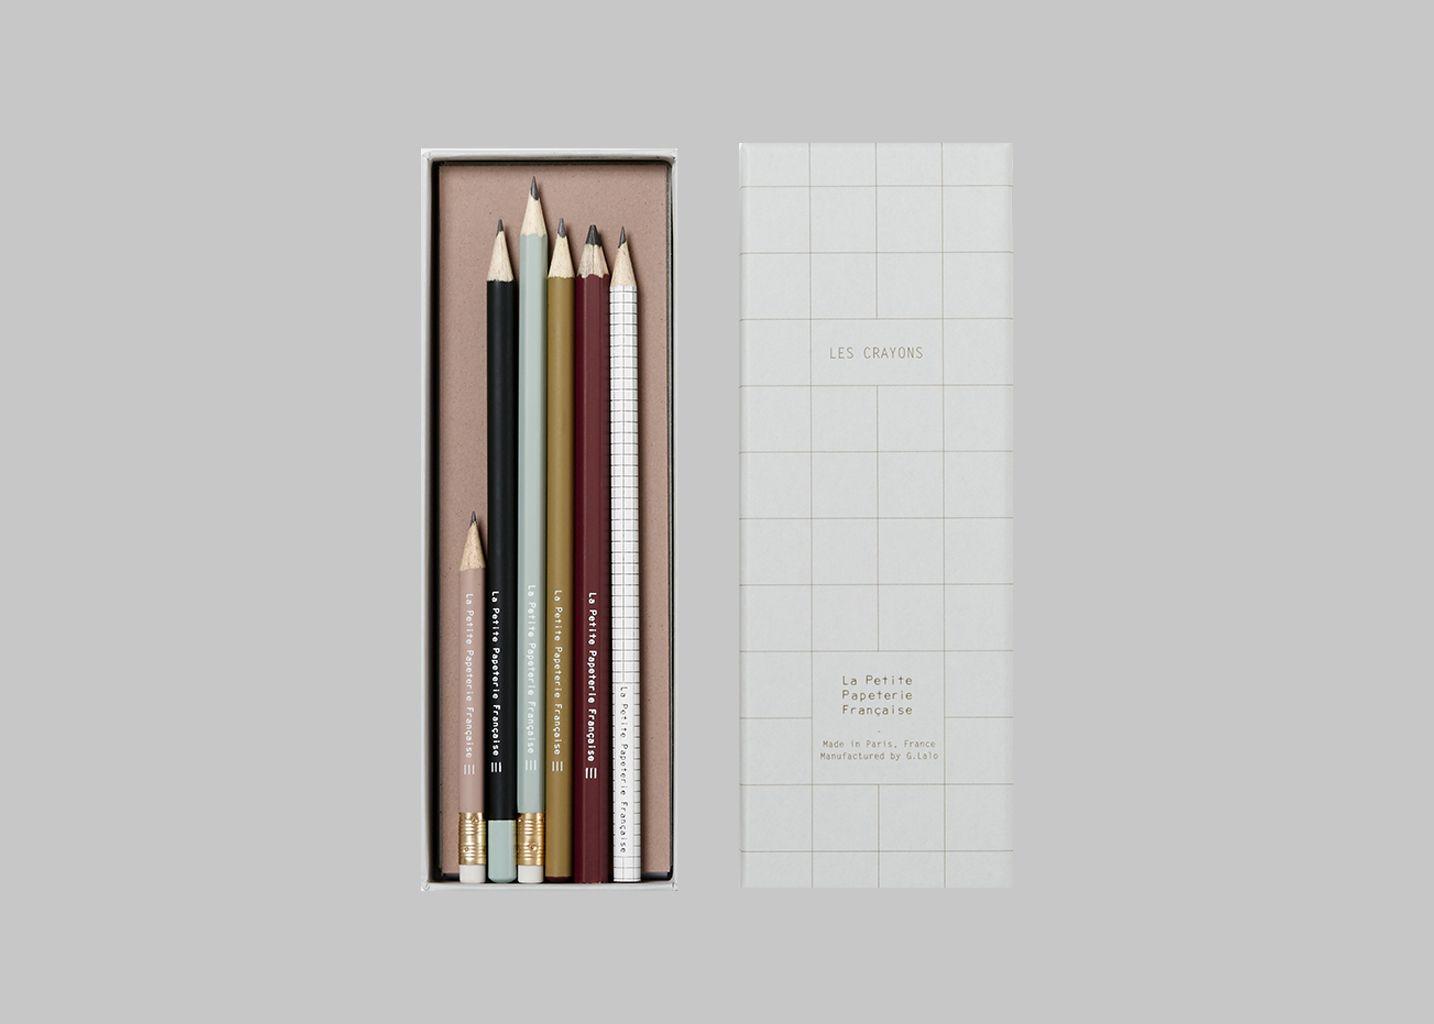 Les Crayons - La Petite Papeterie Française